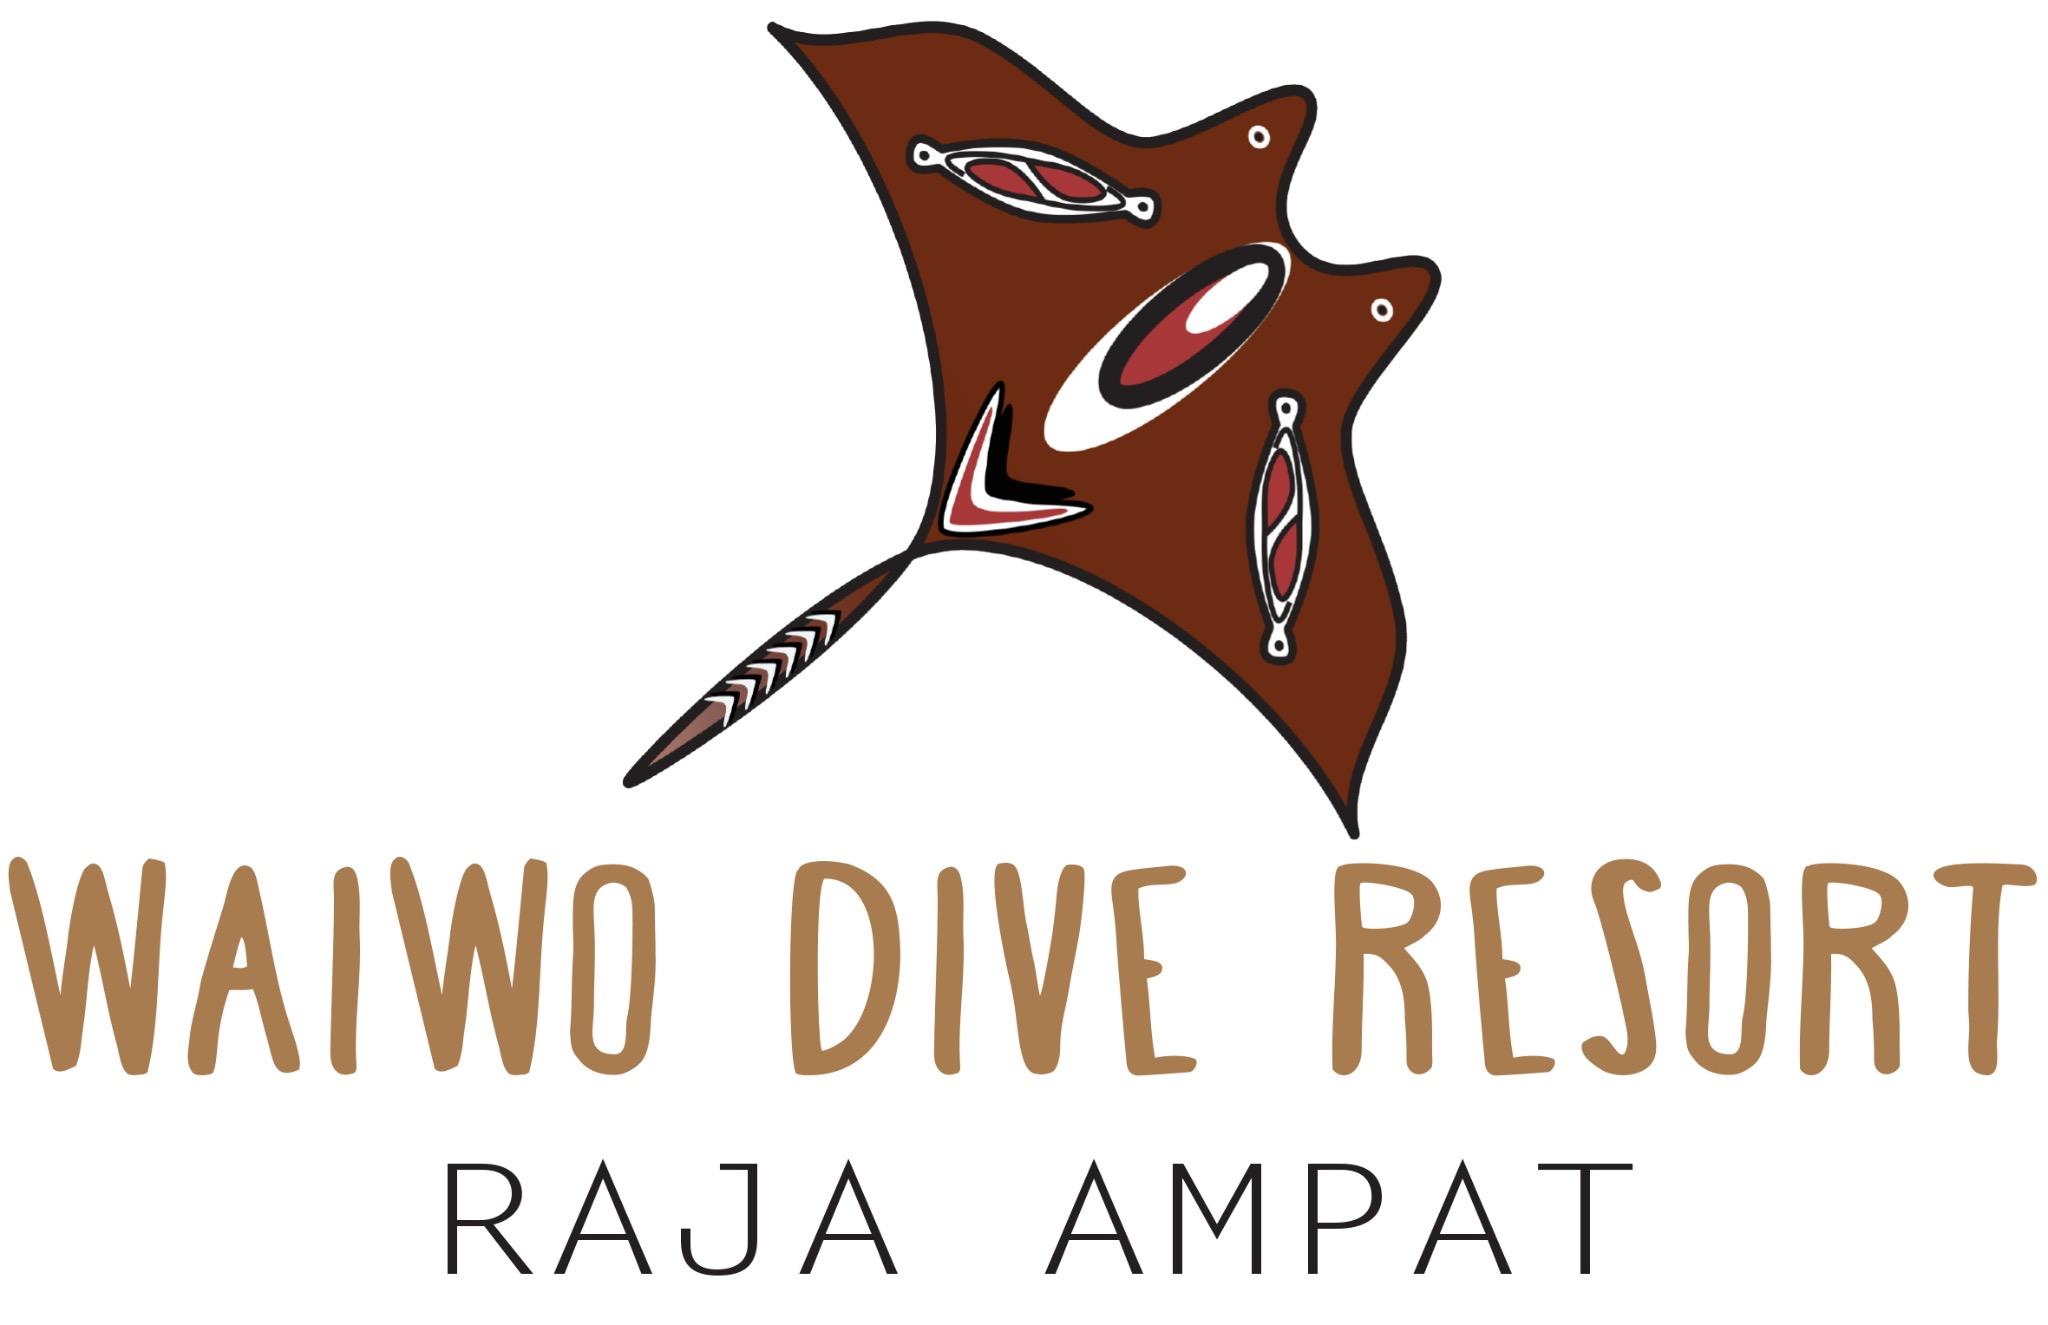 Waiwo dive resort raja ampat indonesia - Raja ampat dive resort ...